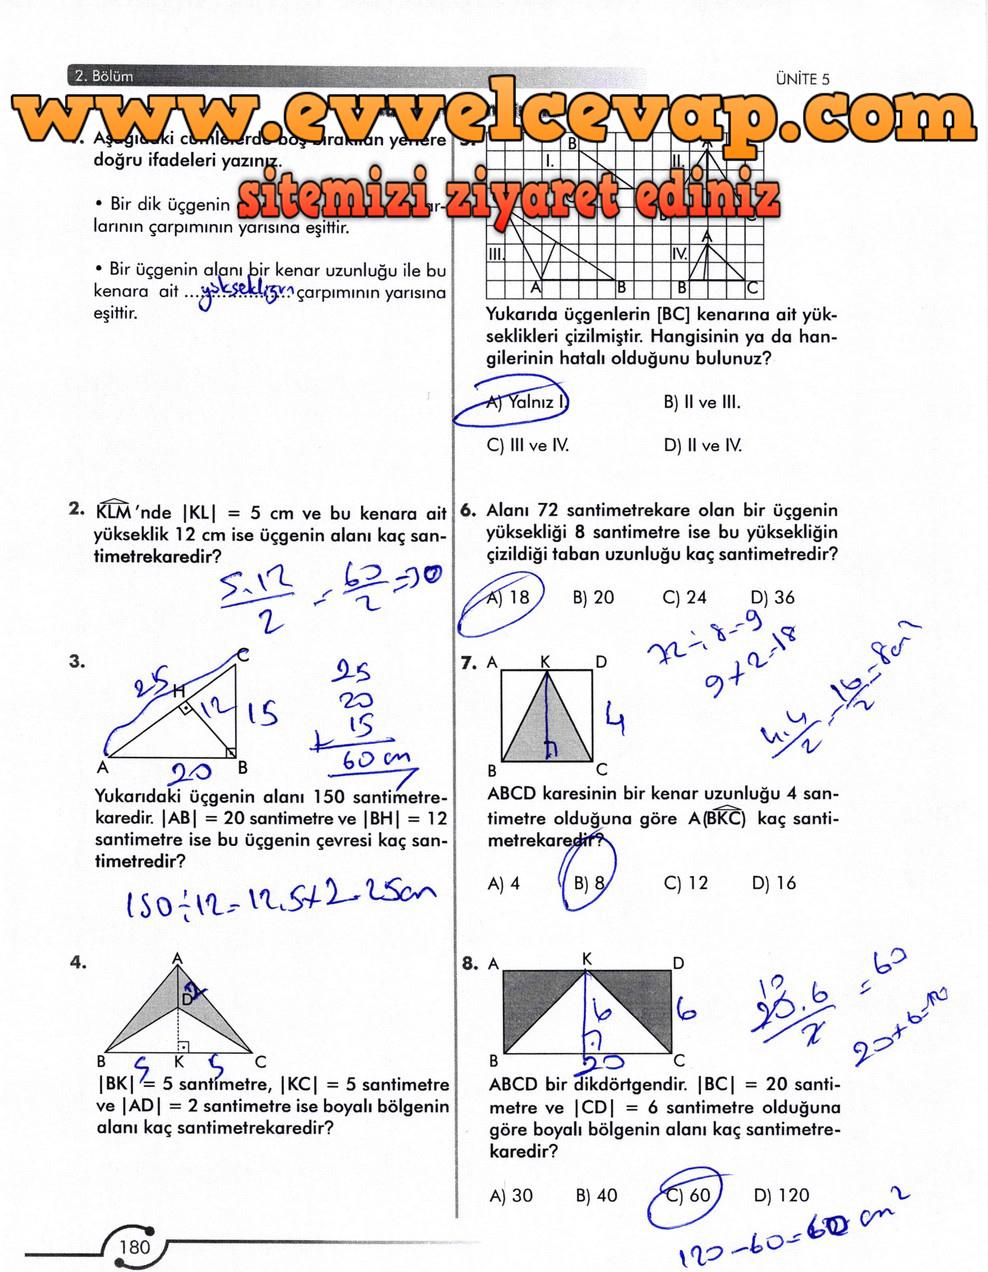 6. Sınıf Meb Yayınları Matematik Ders Kitabı Sayfa 180 Cevabı